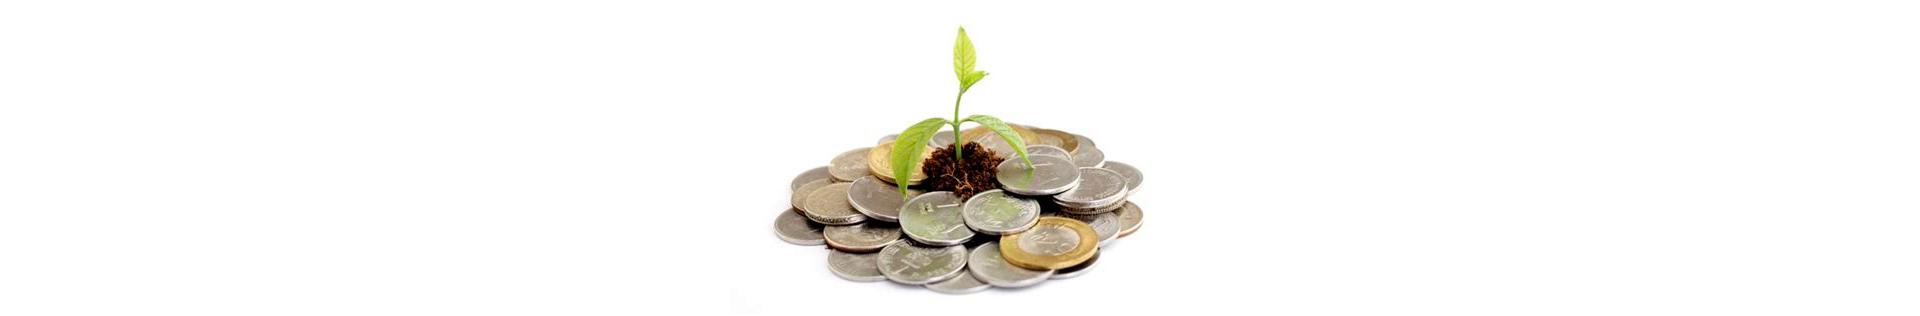 West Petrus En Paulus Praktische Info Financieel Header